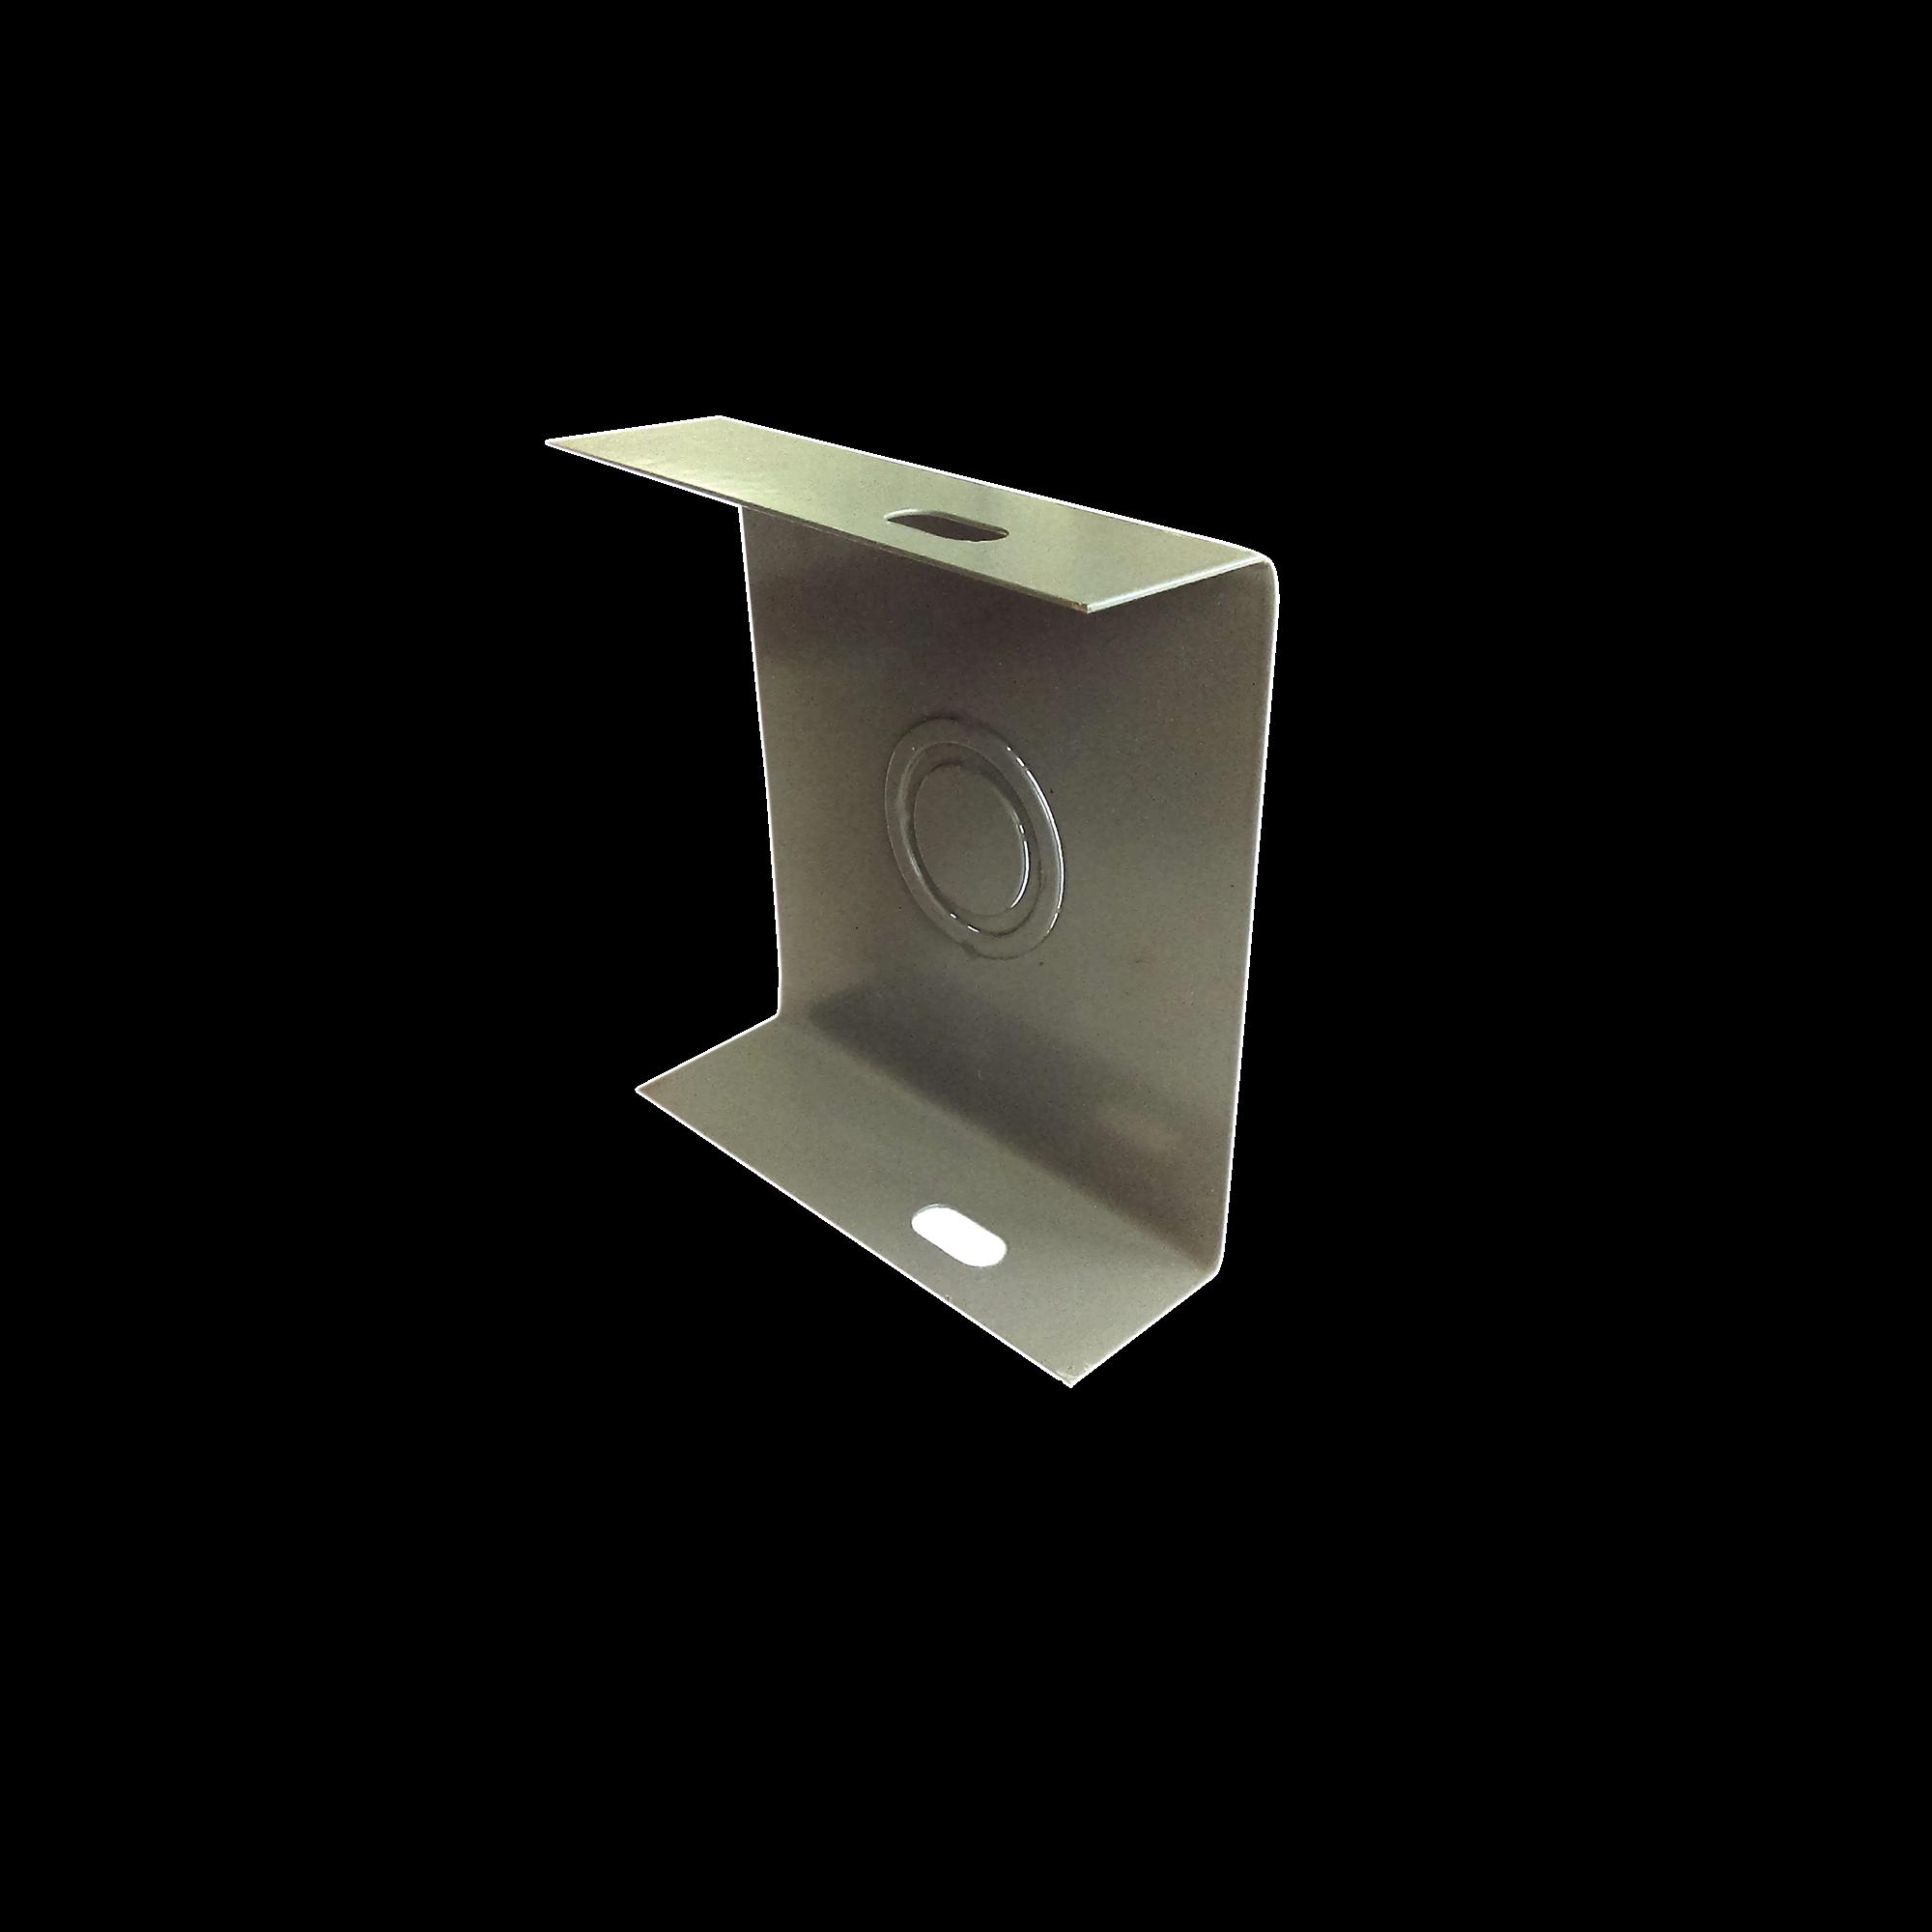 Placa cierre 65 x 65 mm, fabricado en lámina de acero al carbón